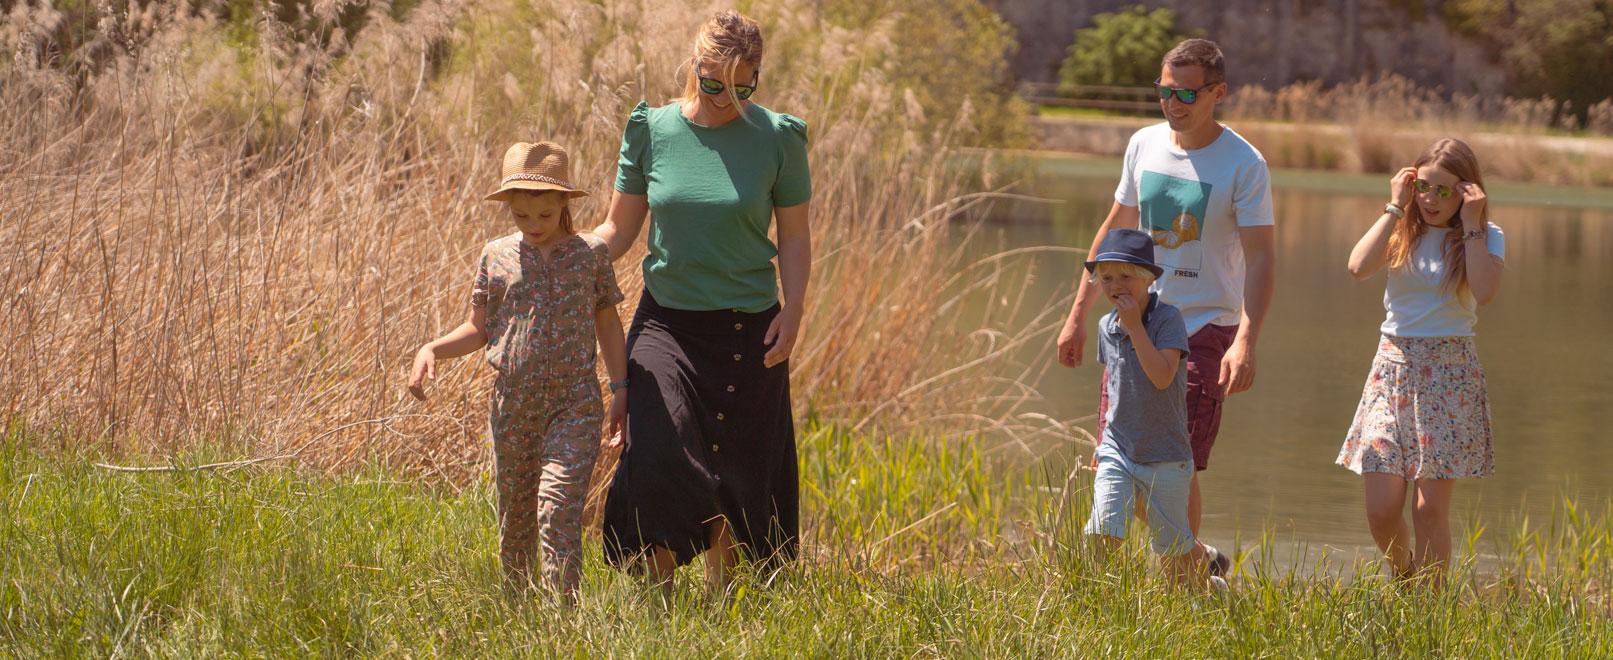 Famille en Vaucluse © Planque